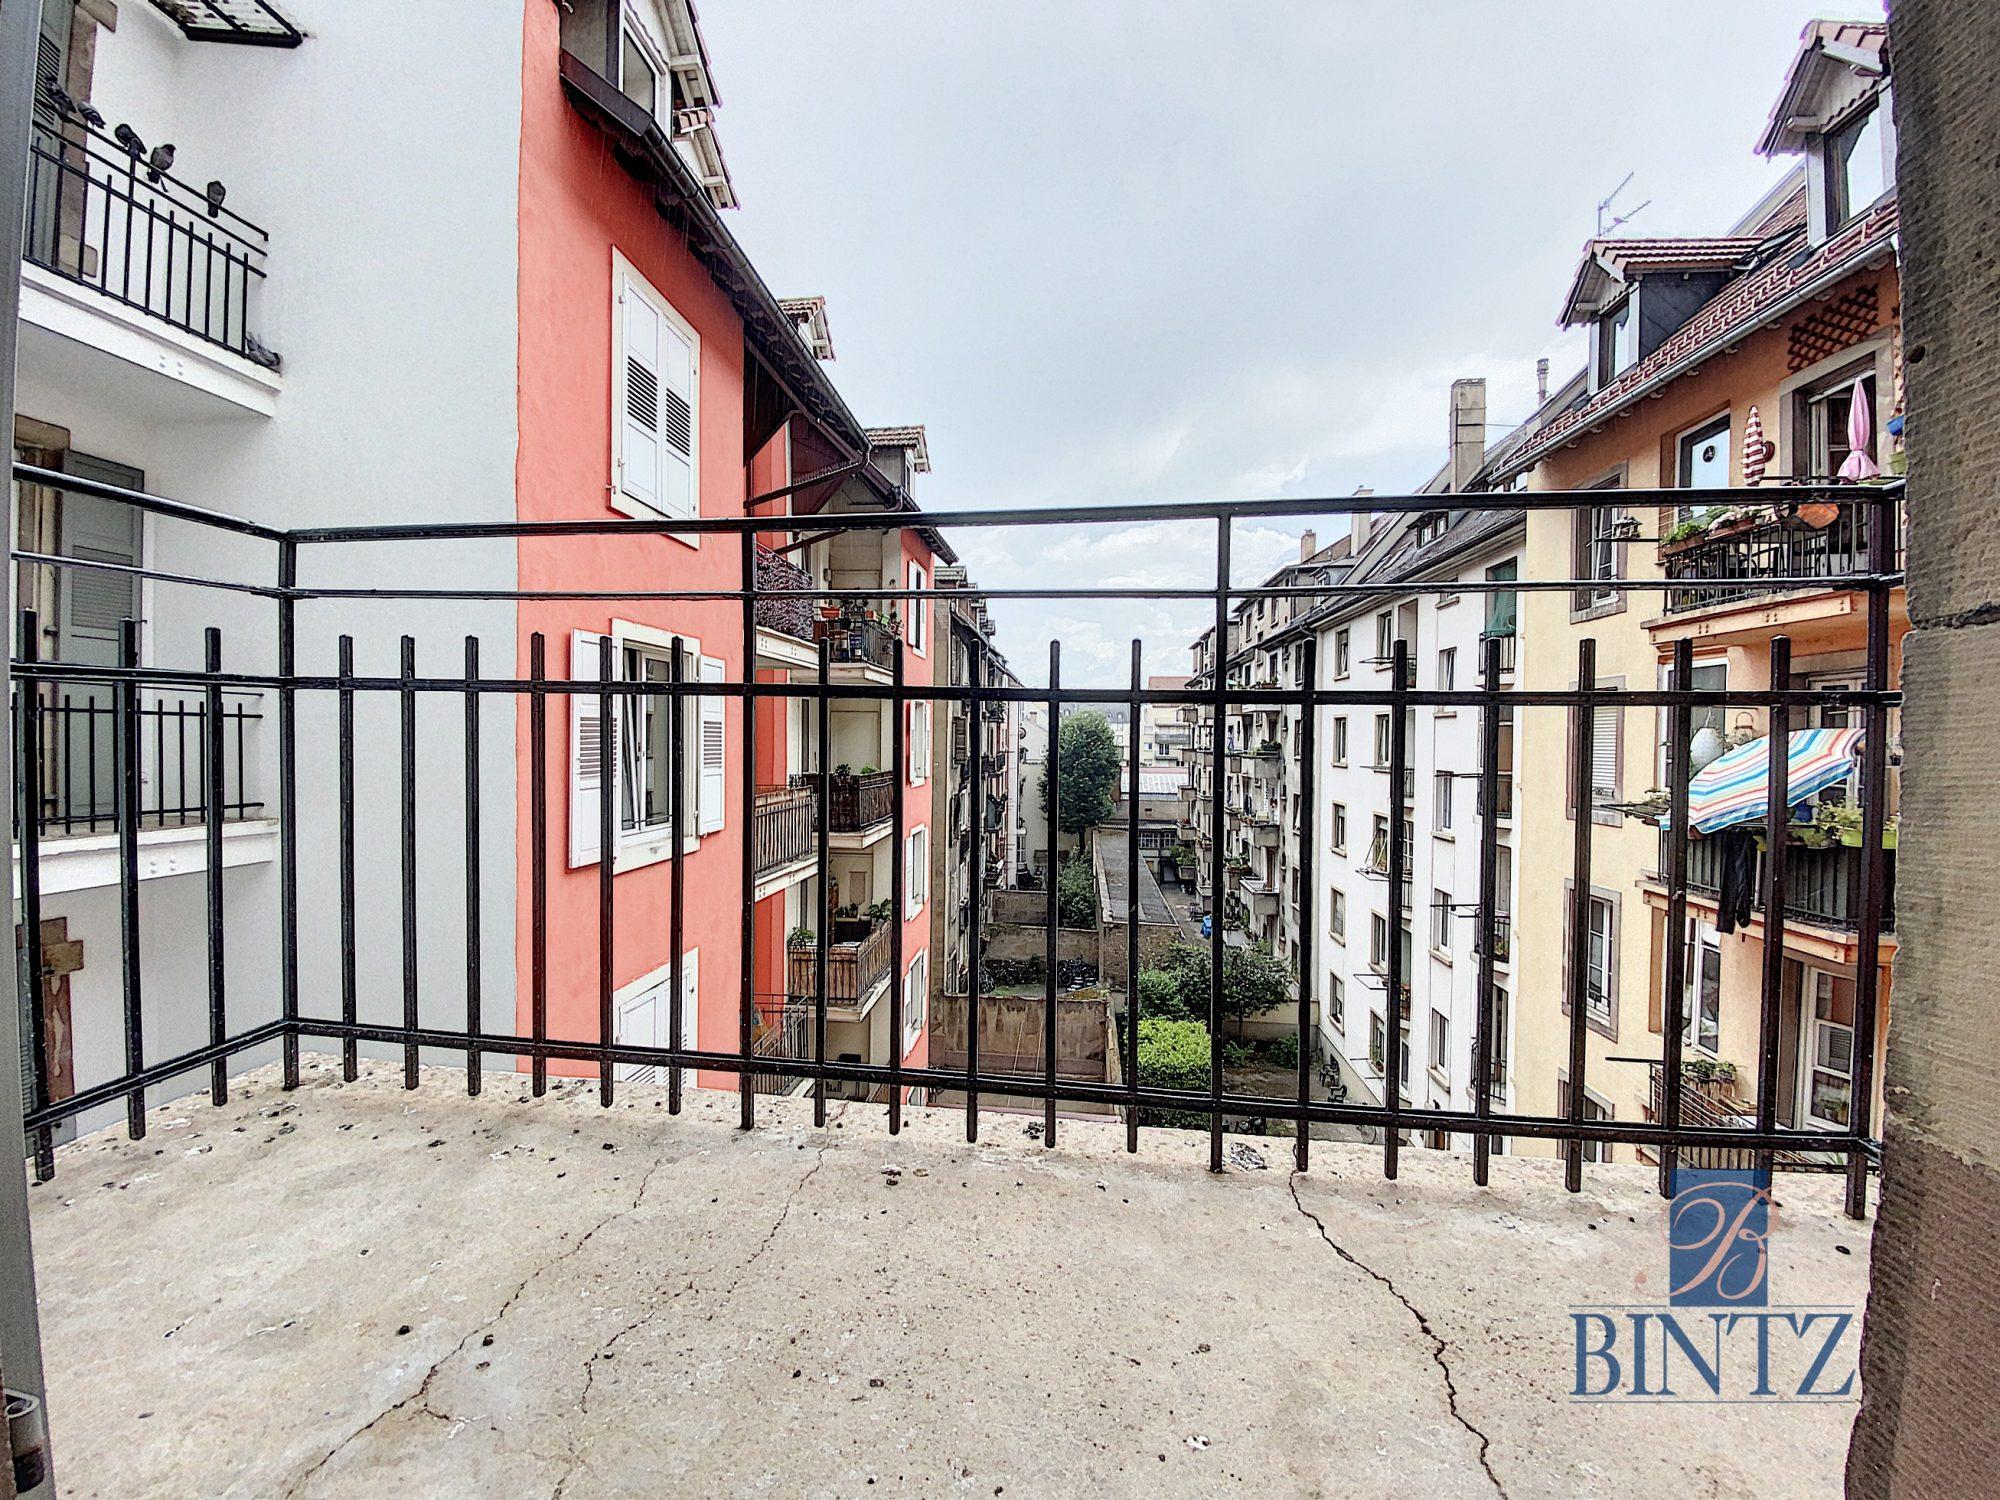 2 Pièces neuf avec balcon - Devenez locataire en toute sérénité - Bintz Immobilier - 7